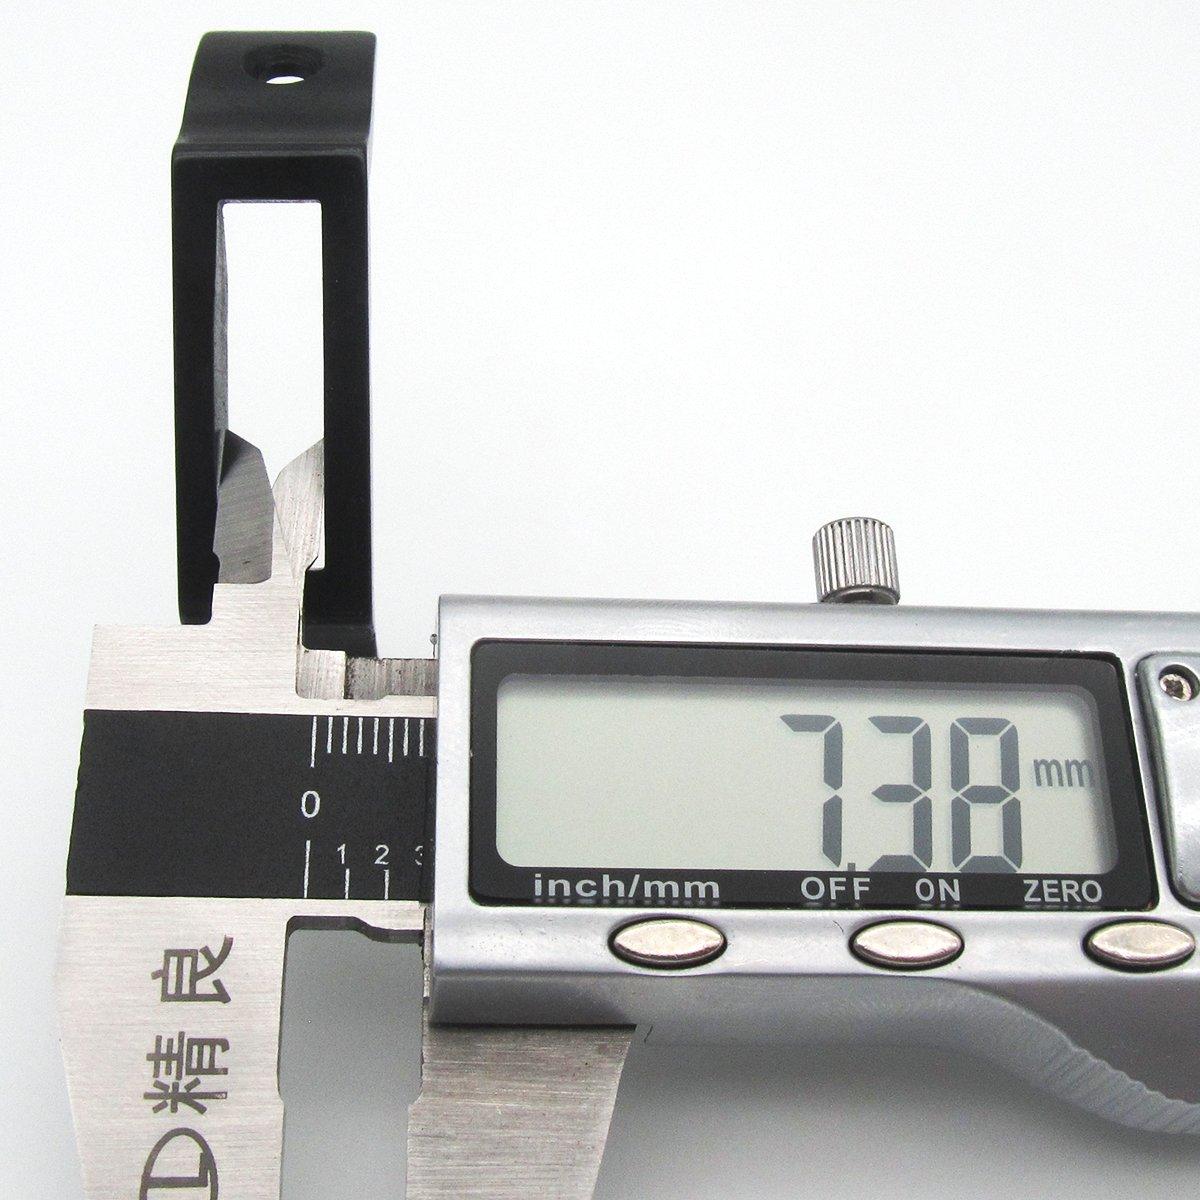 KUNPENG - 1conjunto # 240674 + 240676 PLACA DE AGUJA Y máquina de coser diente ajuste para SINGER 153W CONSEW 227 SEIKO CW-8B: Amazon.es: Hogar